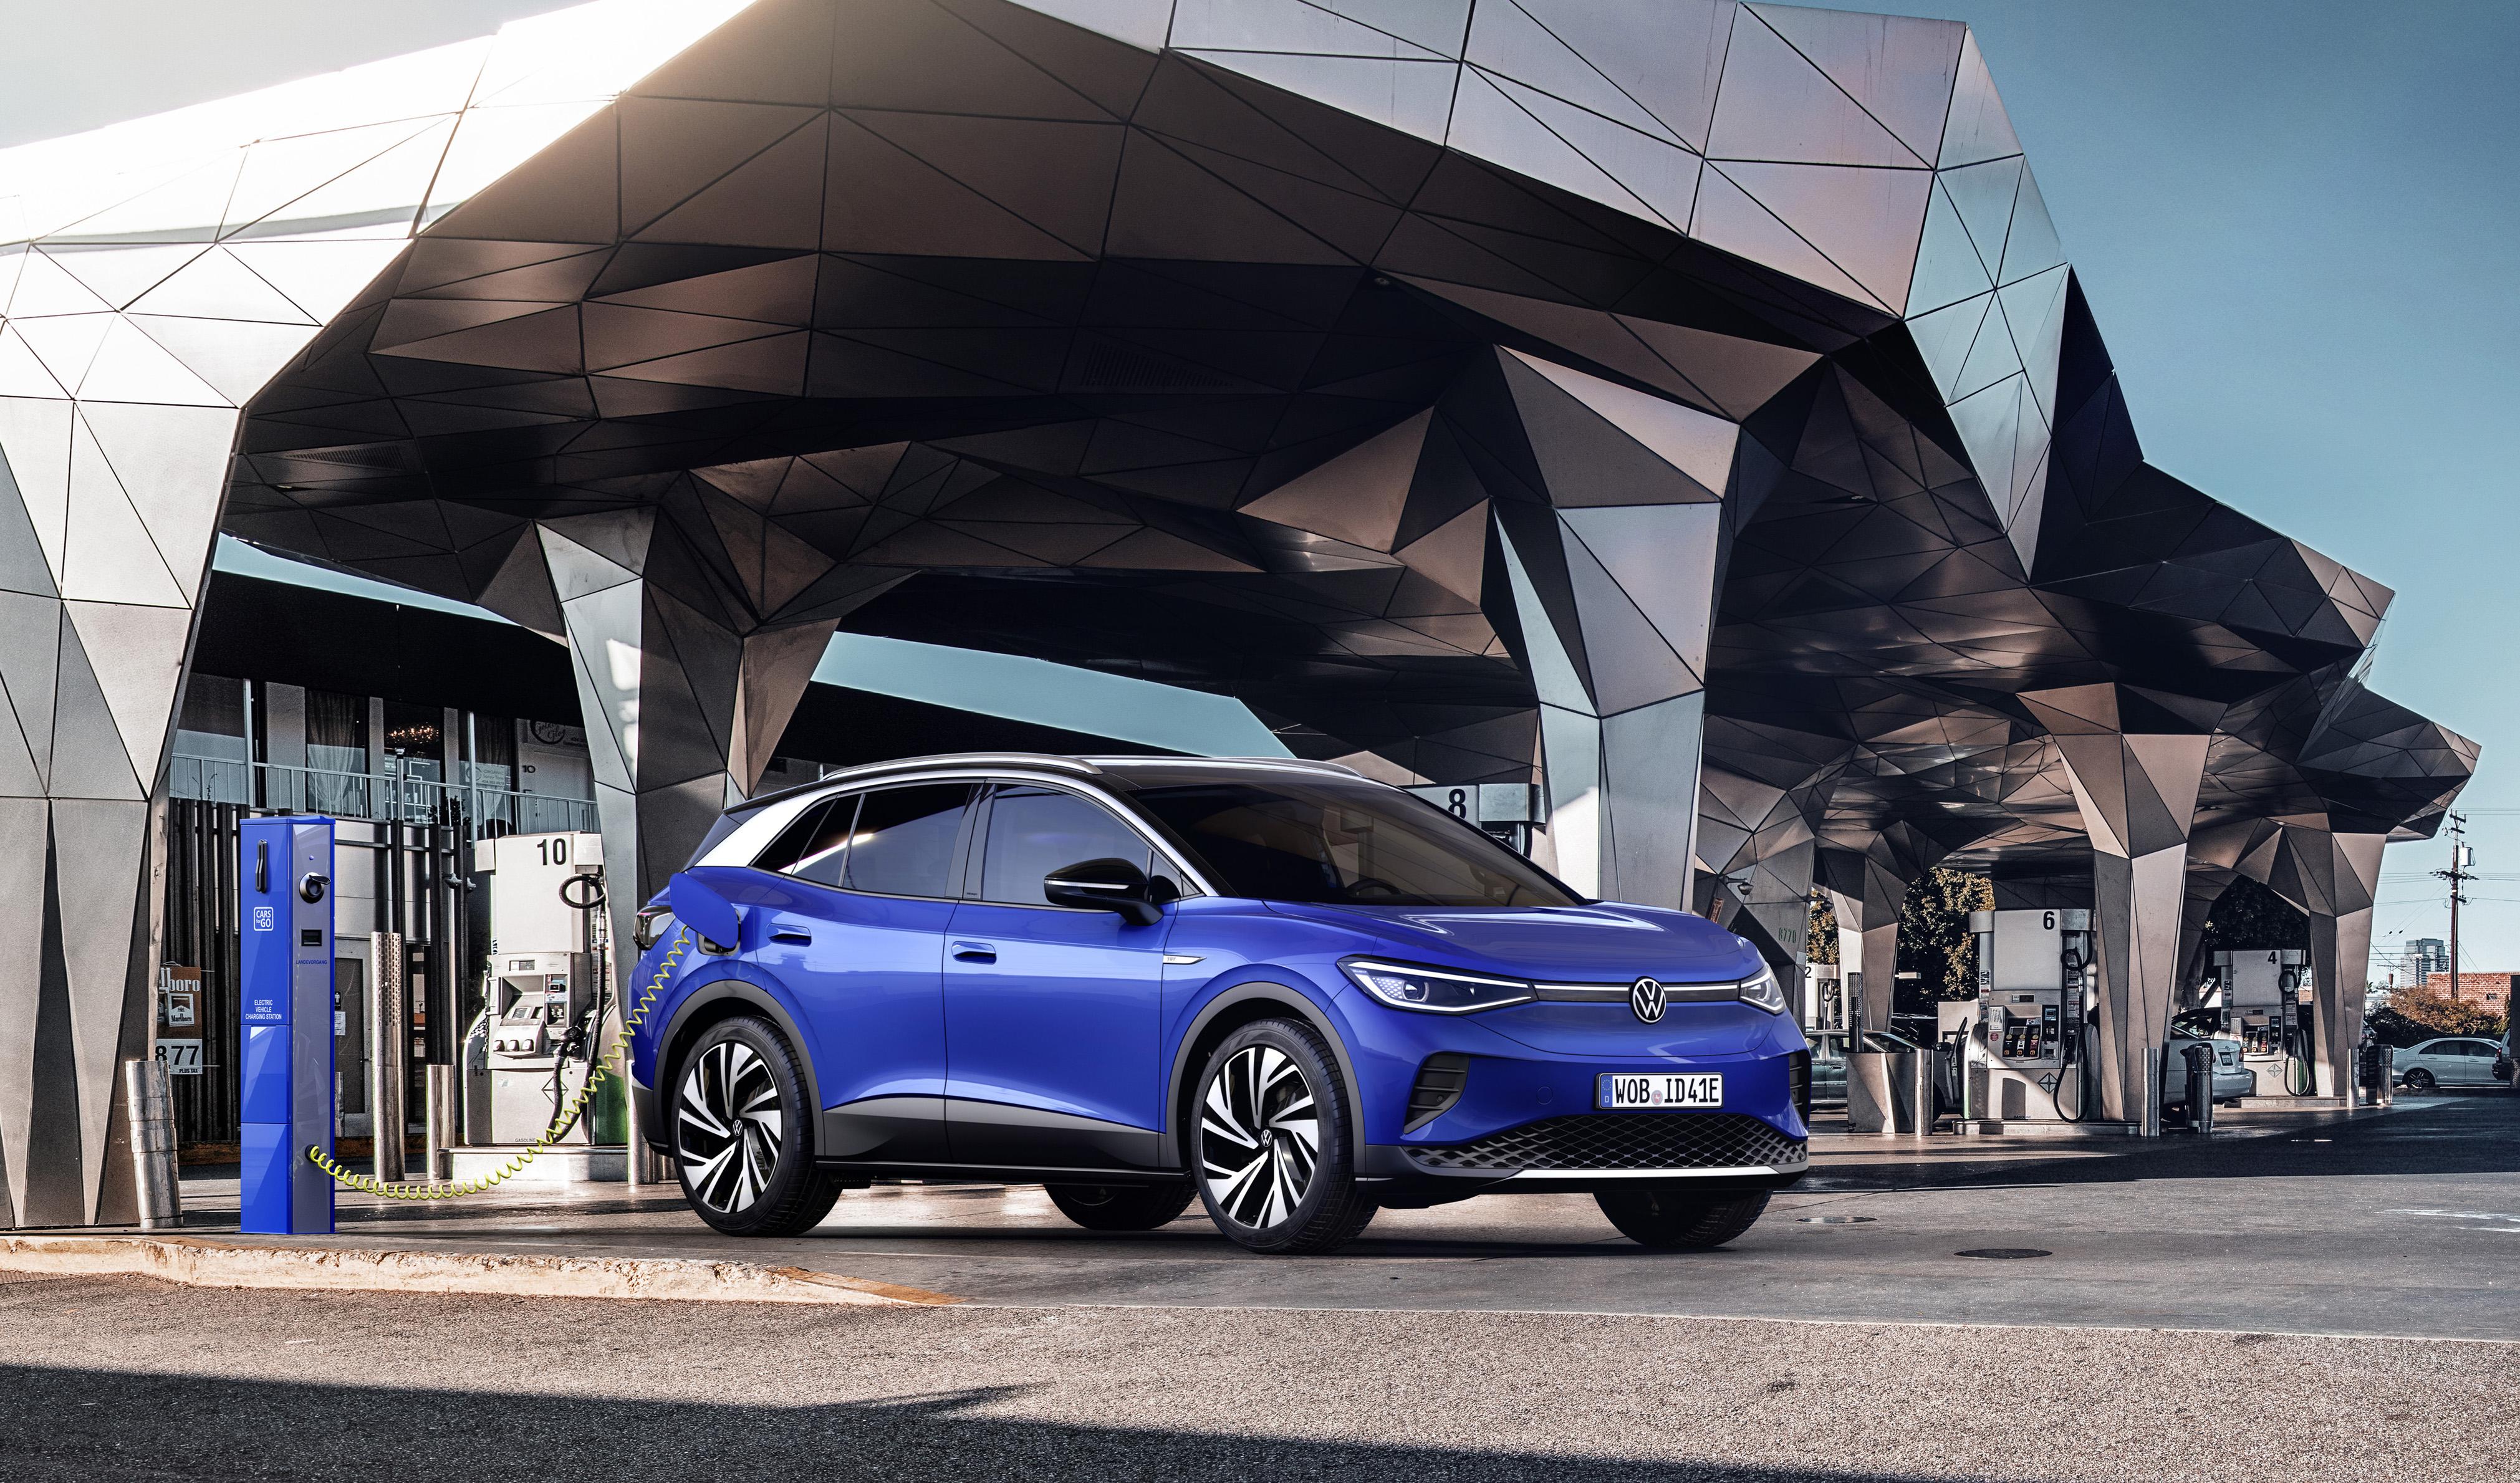 Volkswagen We Charge utökas med fler laddpunkter i Sverige